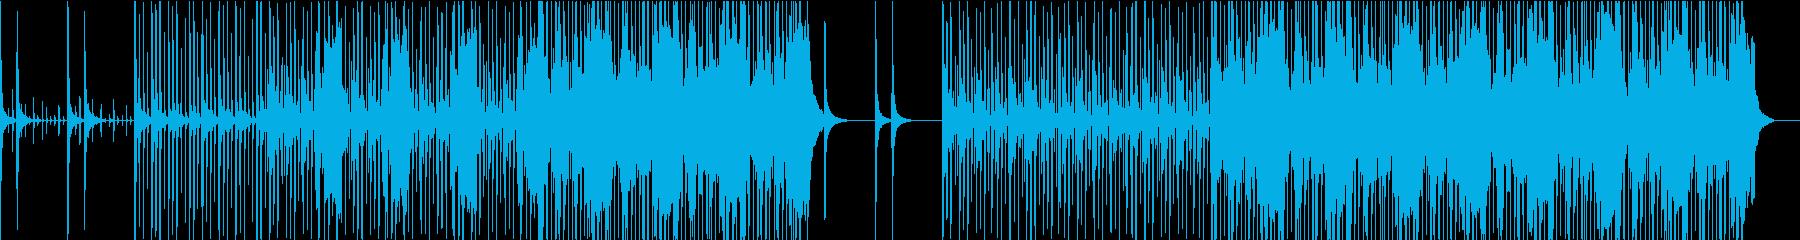 軽快なビートに切ない雰囲気のHIphopの再生済みの波形